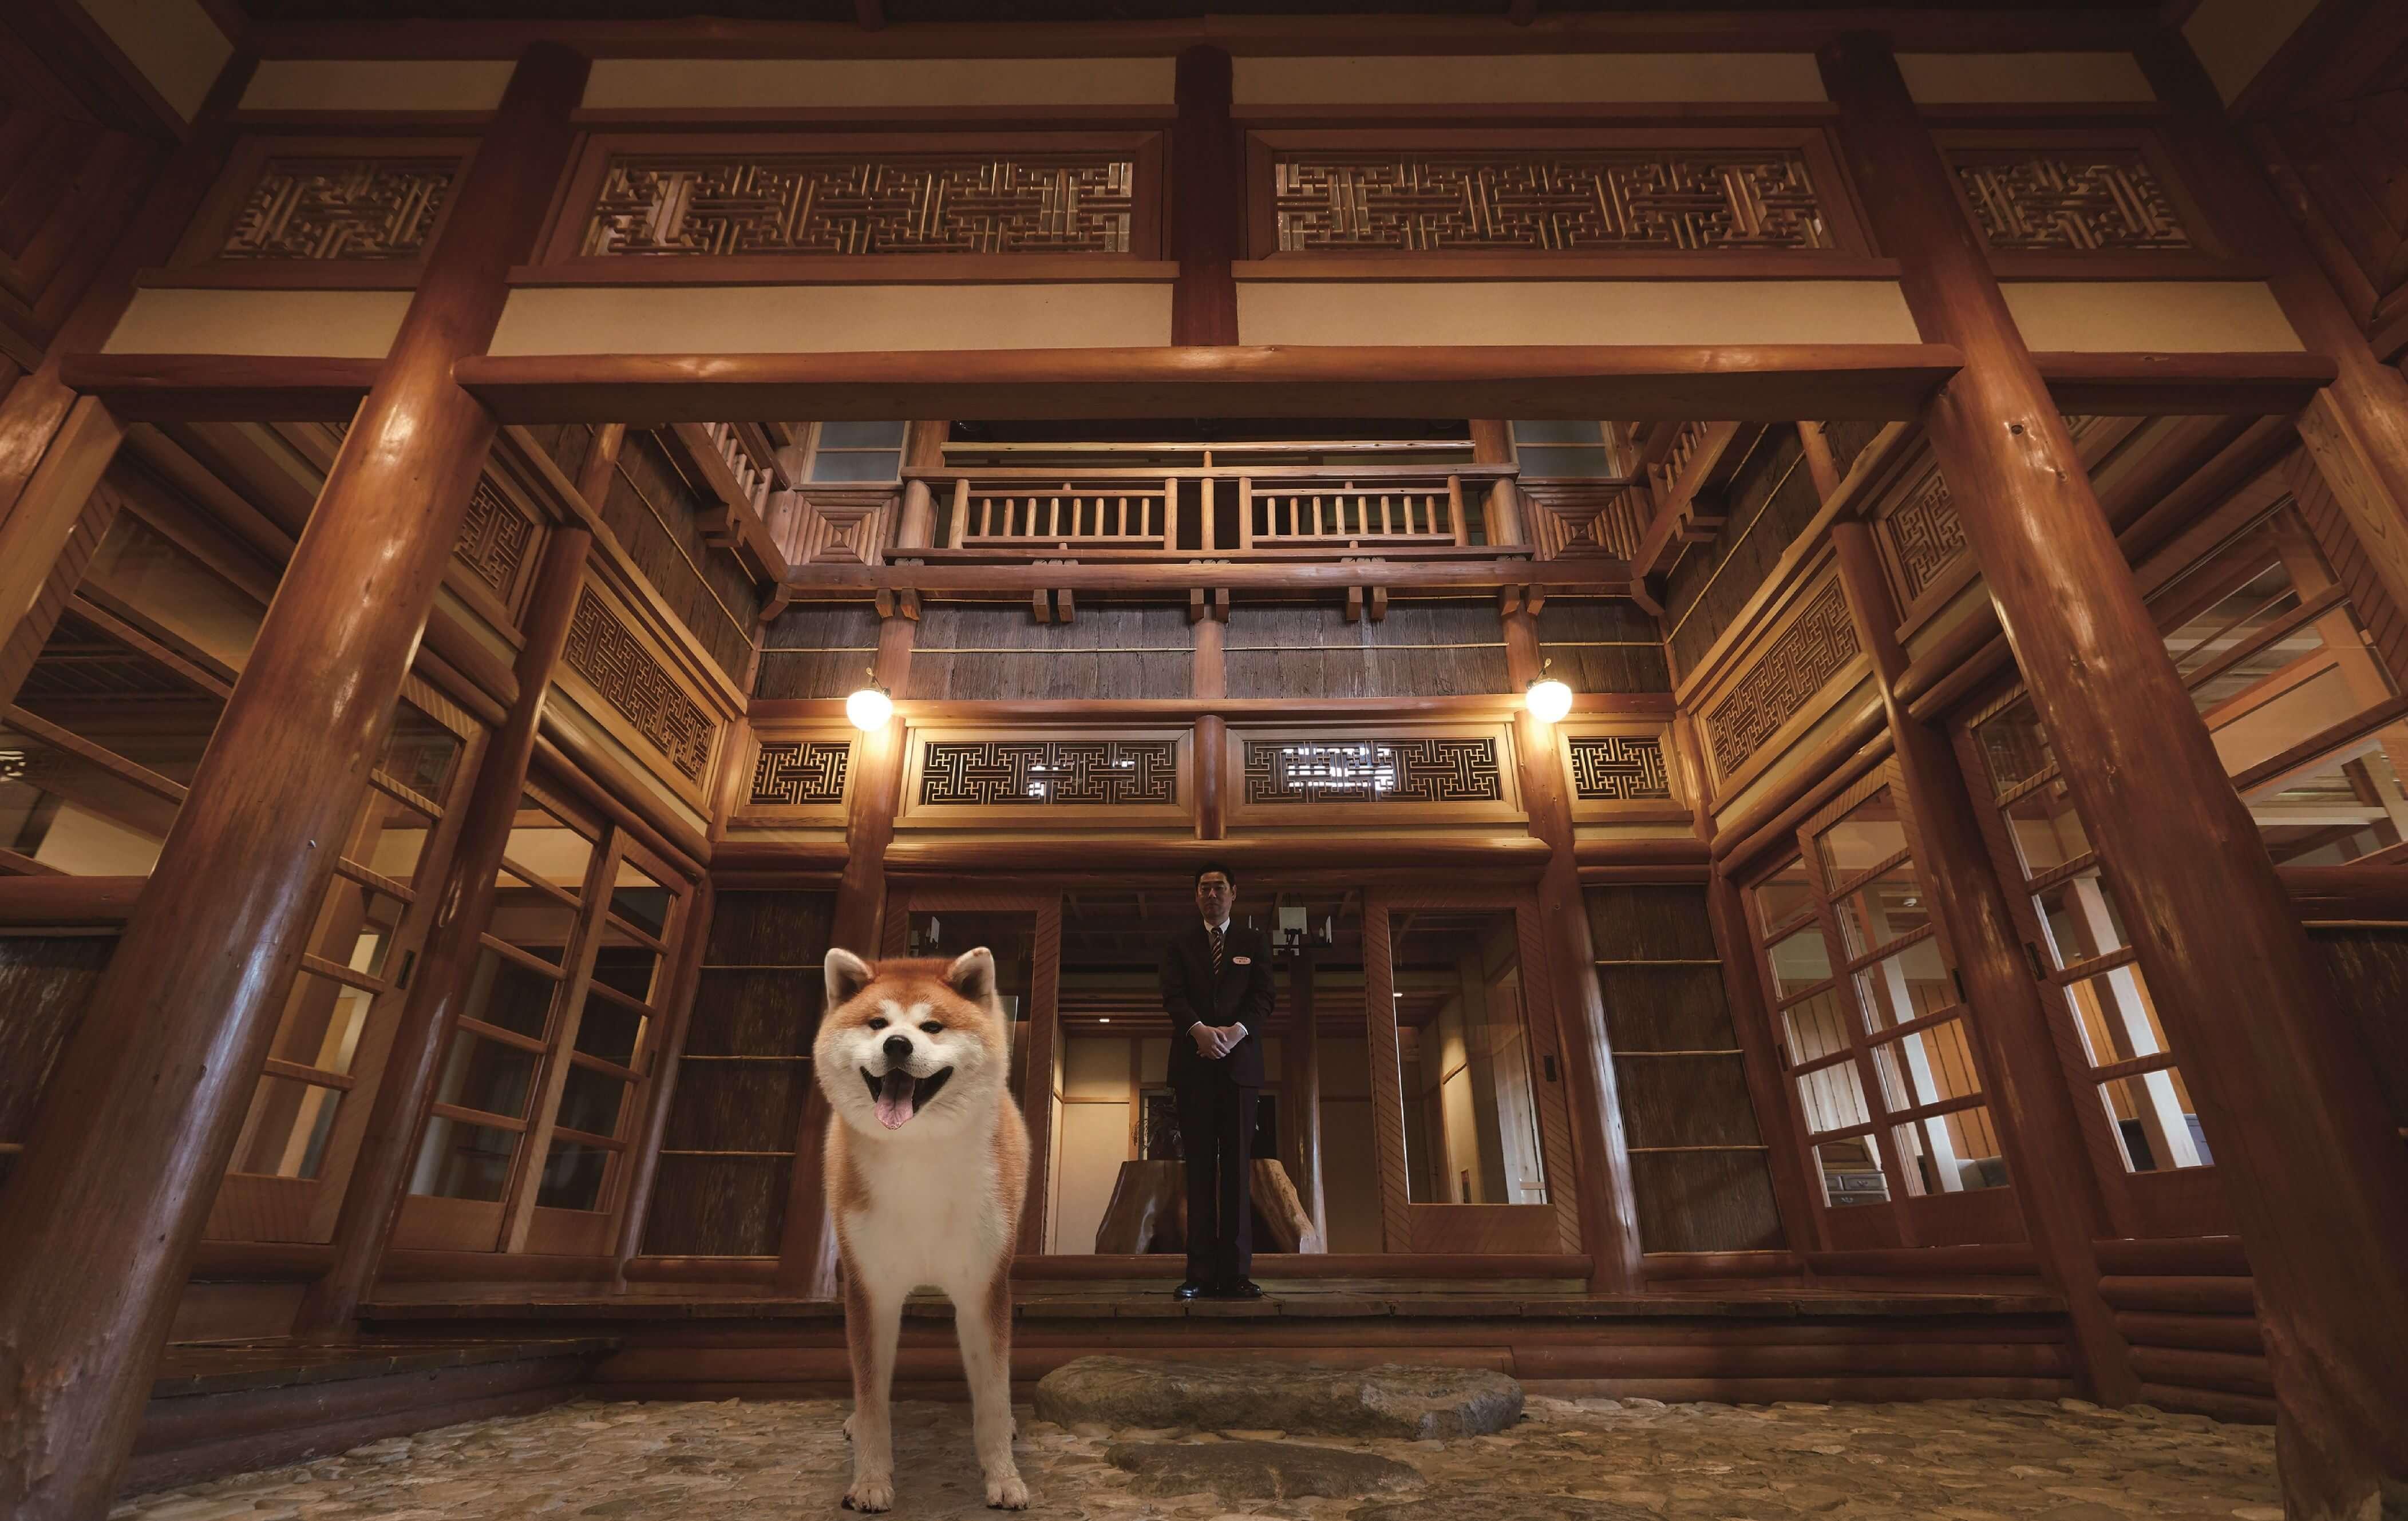 秋田犬「Akita」要來傳遞秋田魅力囉!攻佔澀谷交通廣告 日本旅行、日本觀光、澀谷、